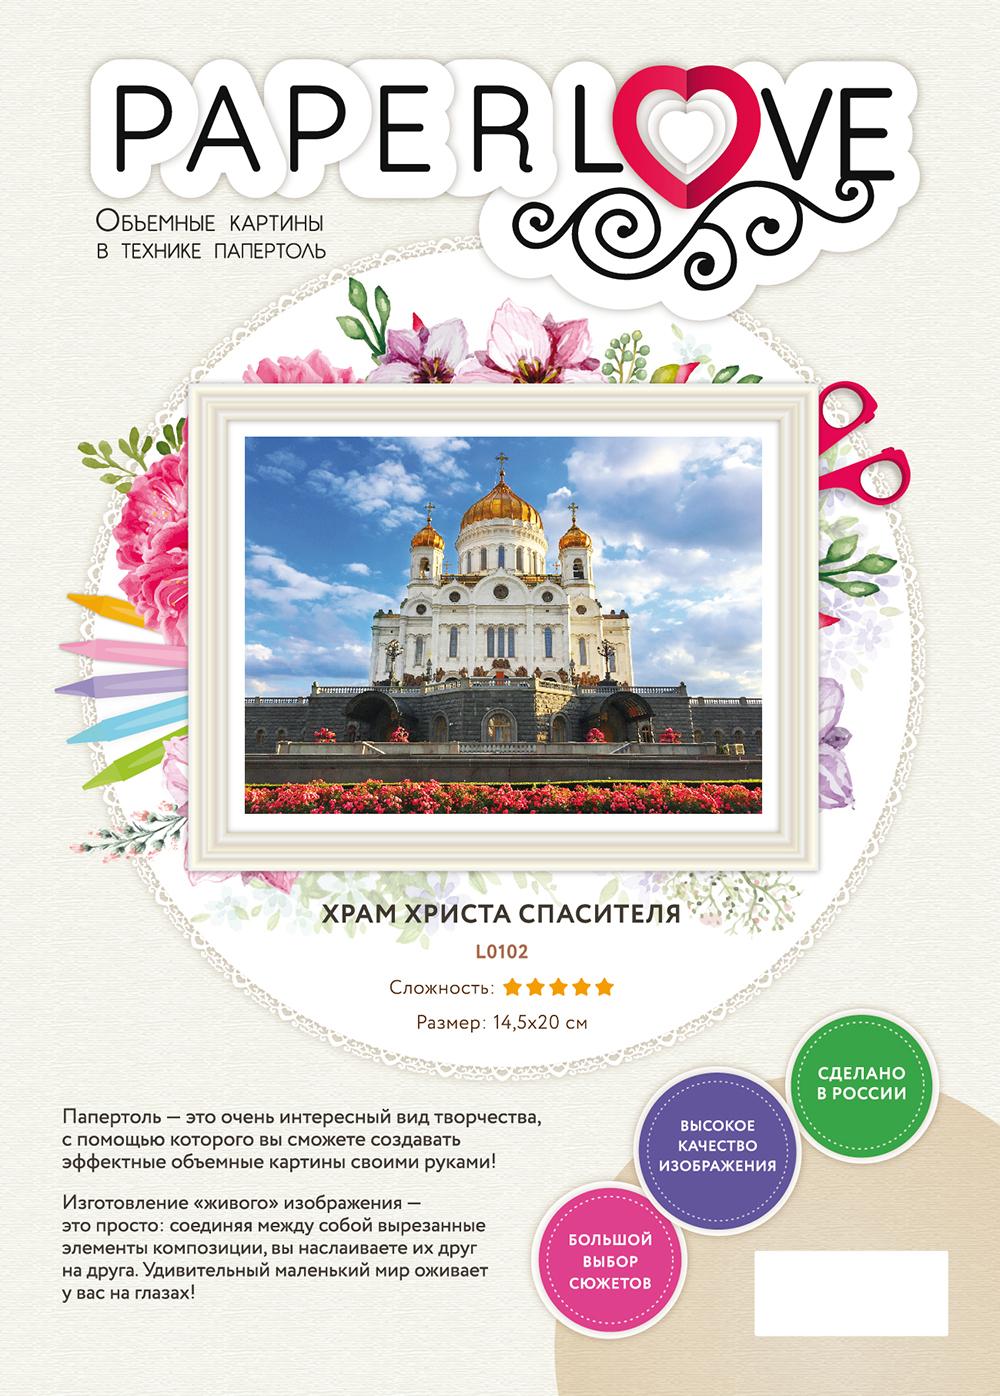 Папертоль Храм Христа Спасителя — фото обложки